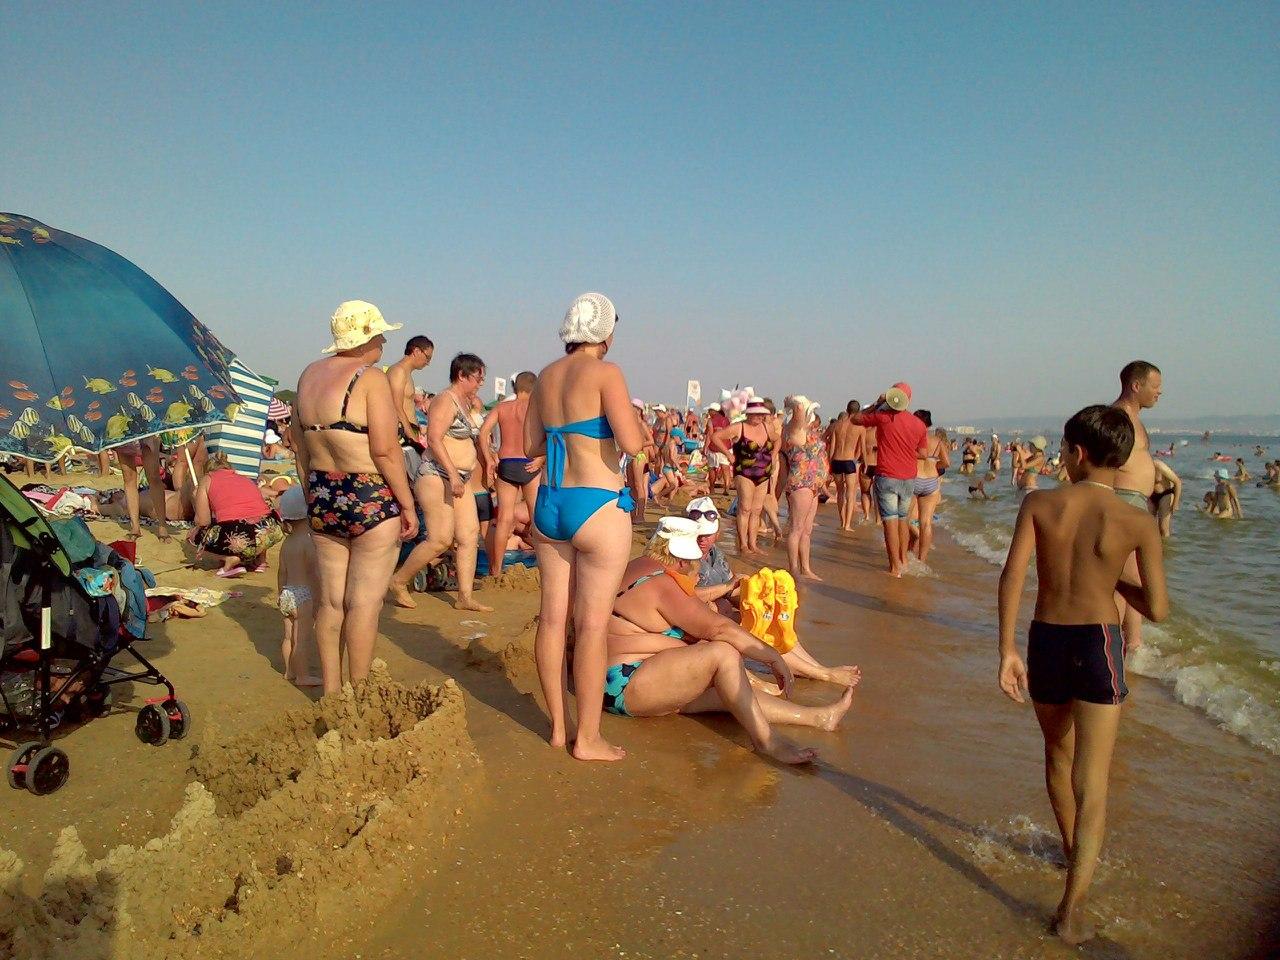 Пляжи в витязево отзывы отдыхающих 2018 фото